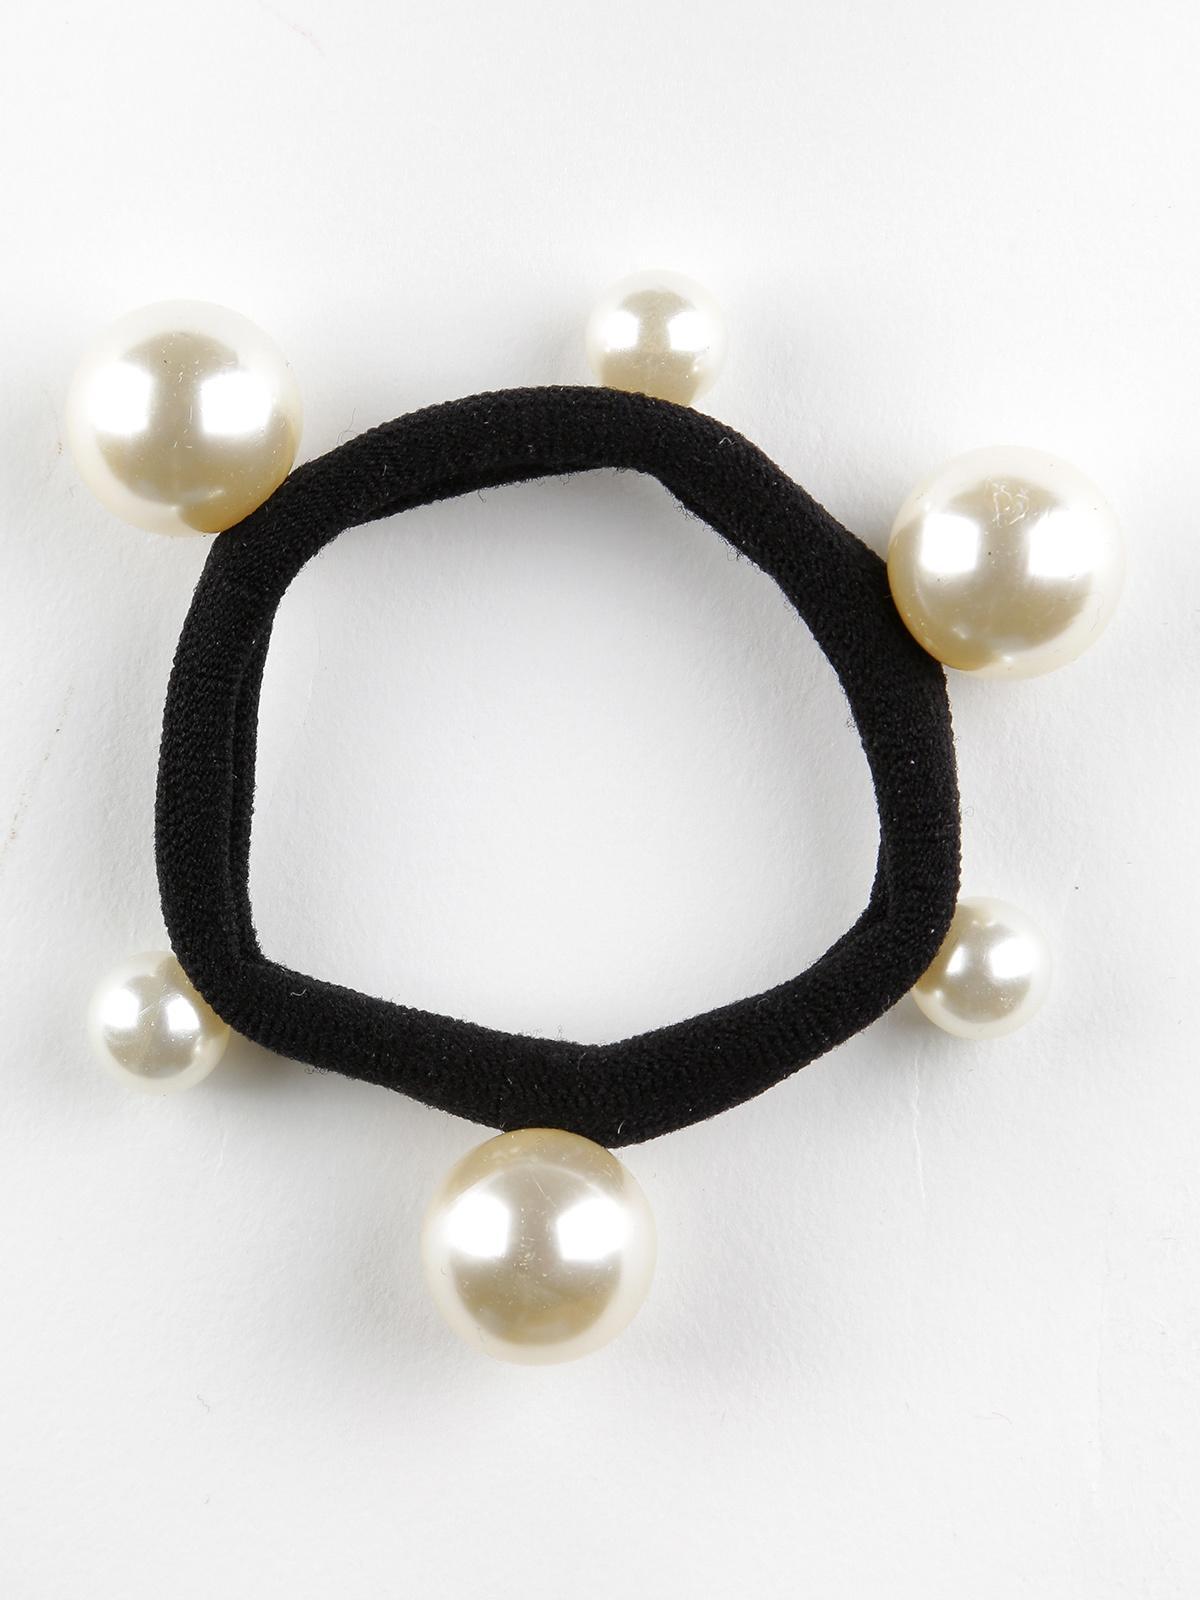 luxe énorme réduction fournisseur officiel Elastico per capelli con perle solada | MecShopping